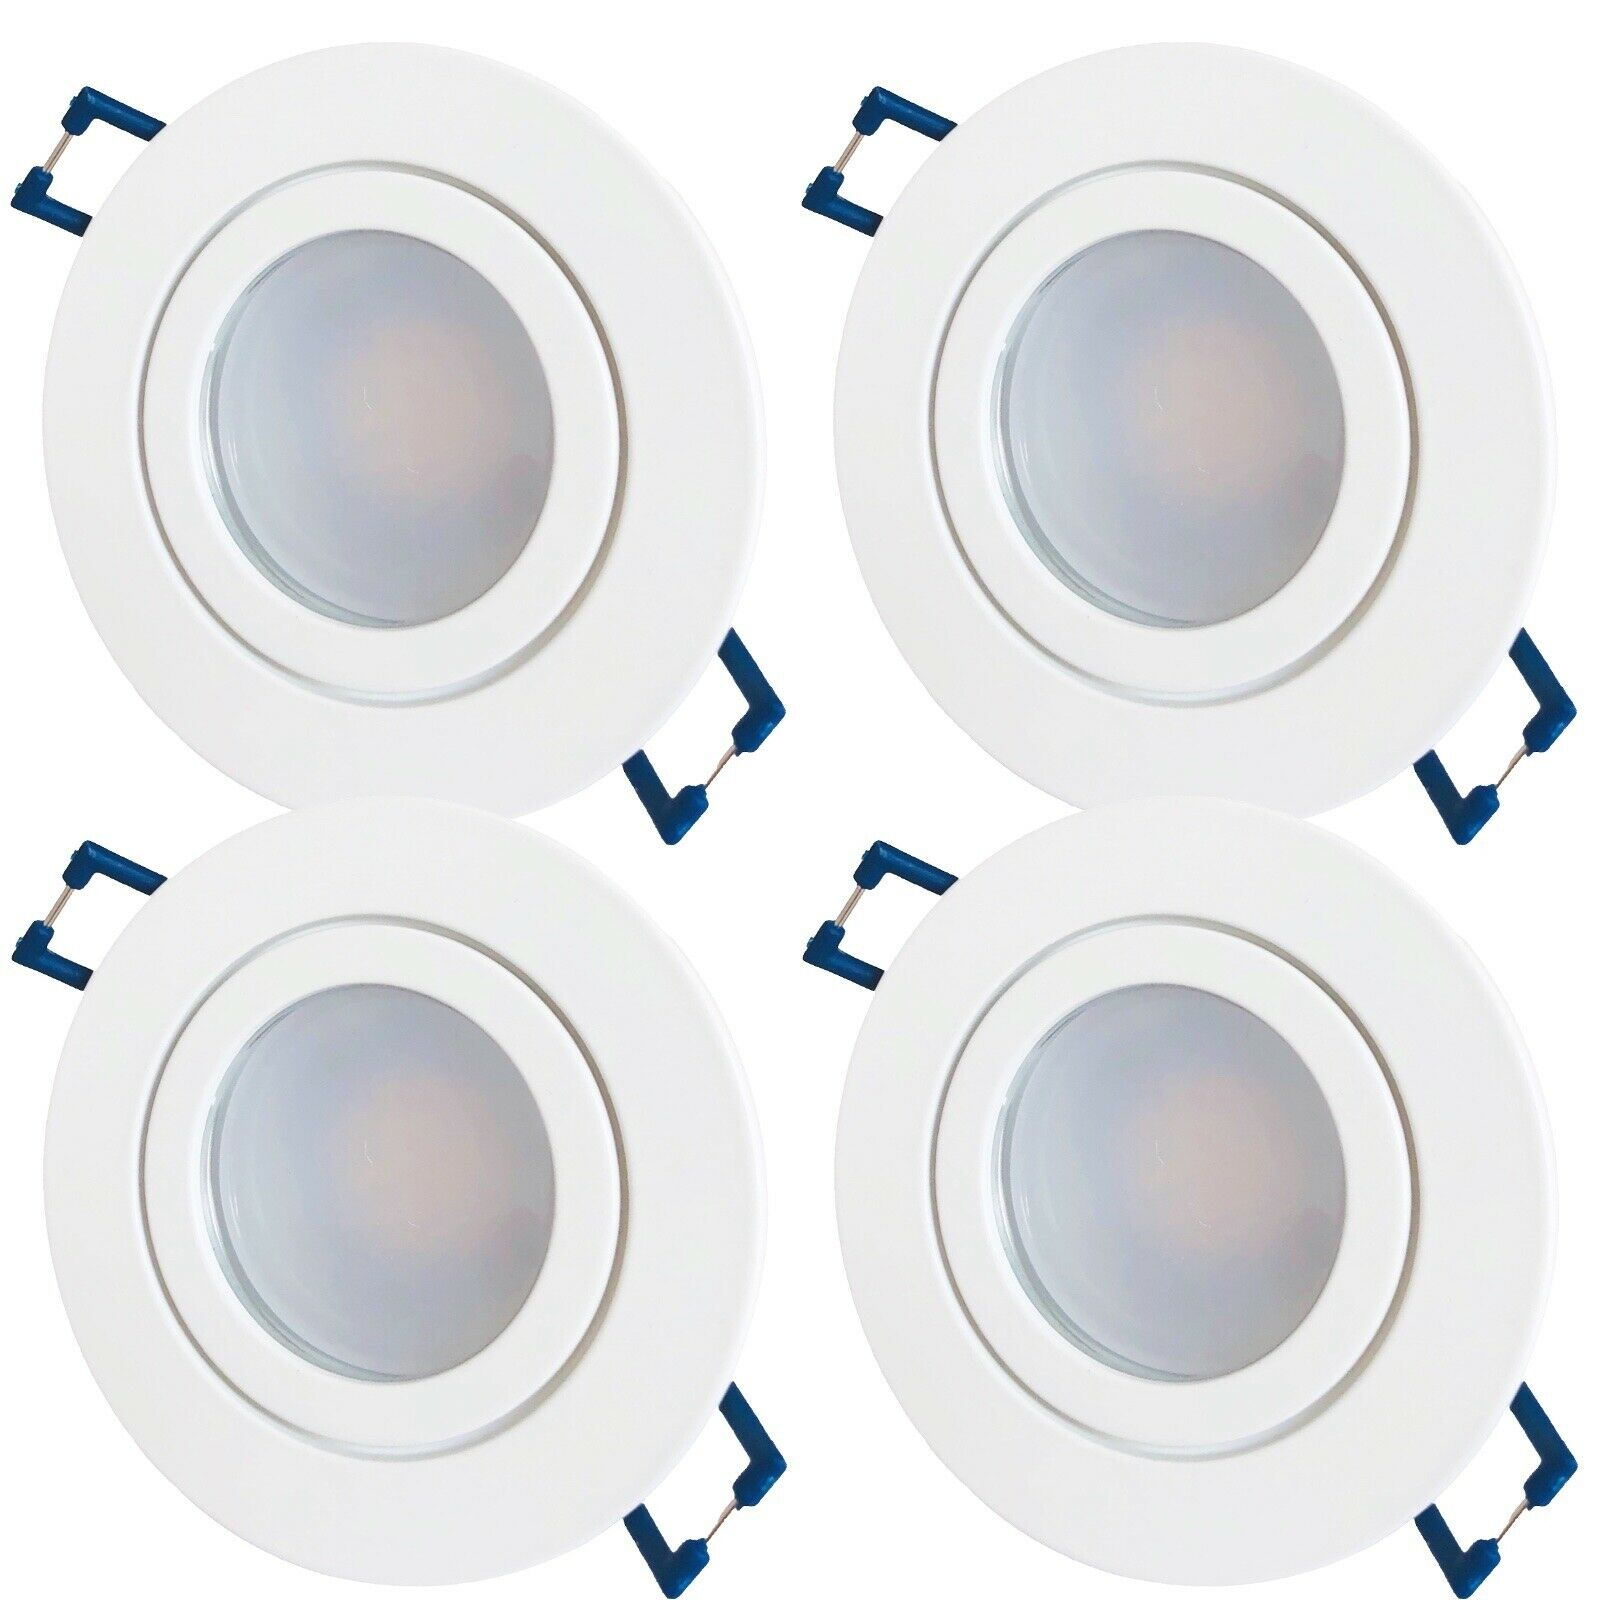 9 Watt   LED Bad Einbauleuchten Marina 230Volt   IP44   900 Lumen   Farbe Weiss